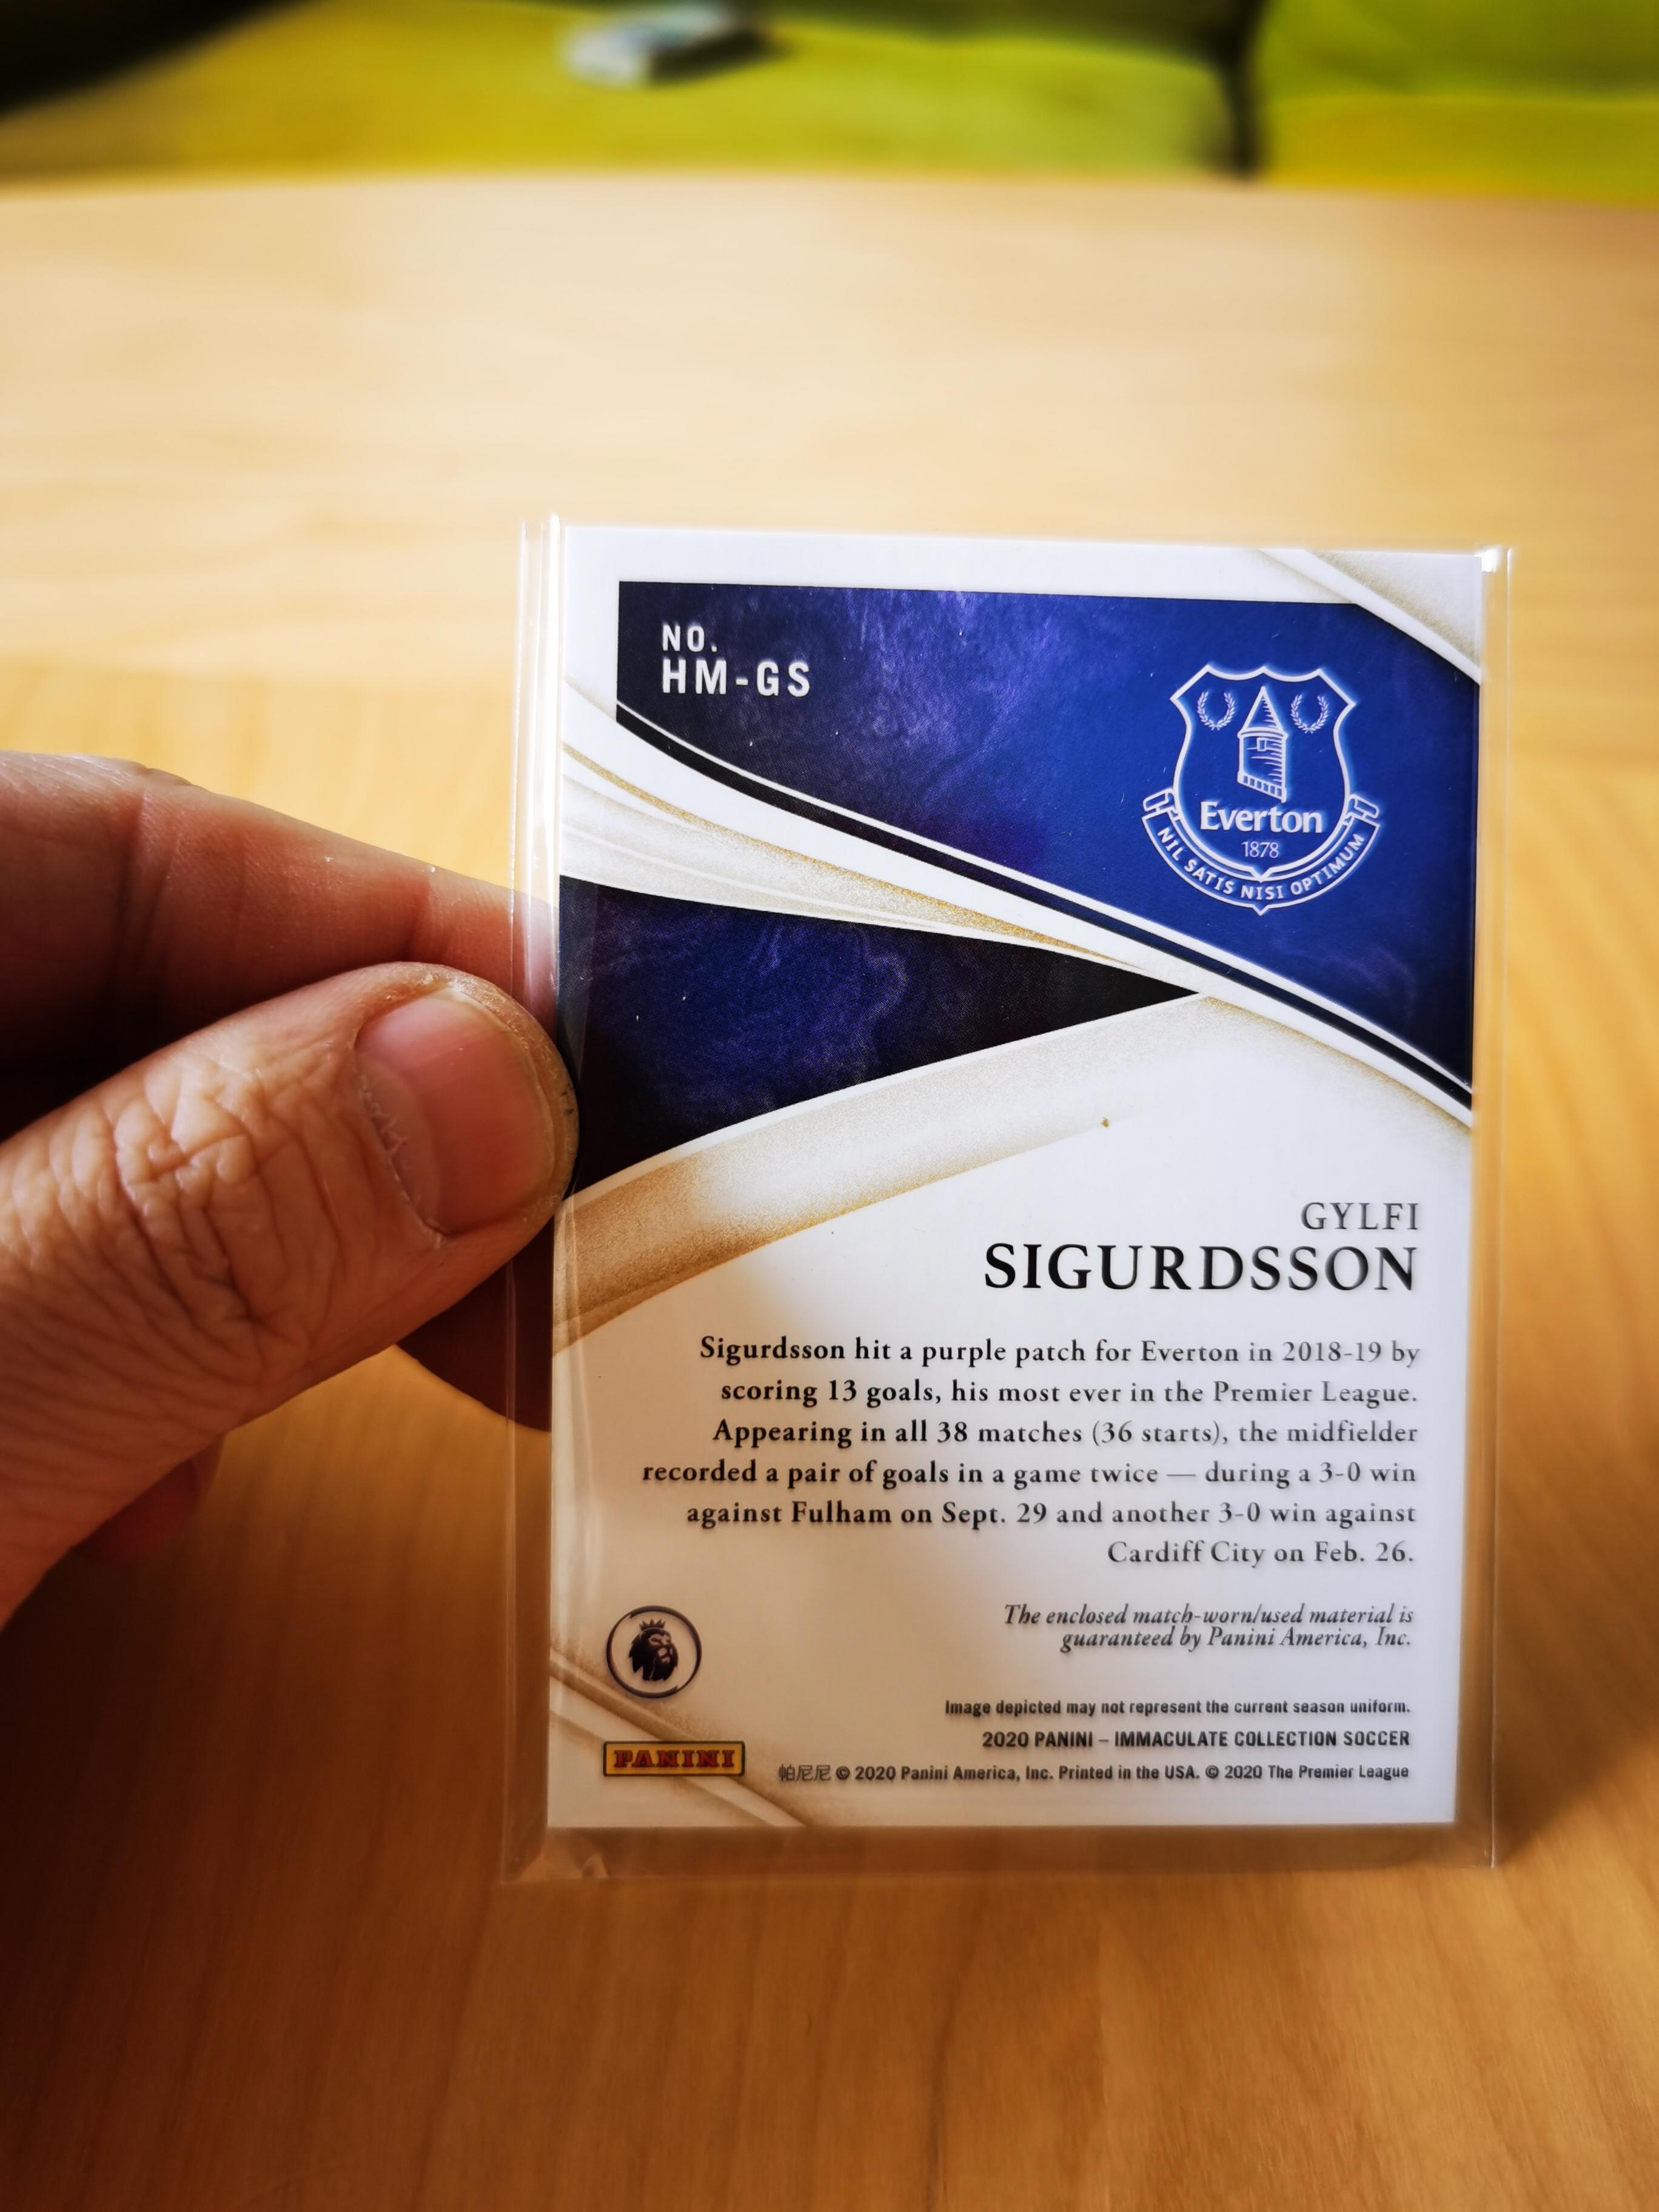 W01 2020 IMMACULATE SOCCER 炙热的足球高端系列 吉尔维·西古 埃佛顿足球俱乐部 前腰 竖版切割球衣 30/50